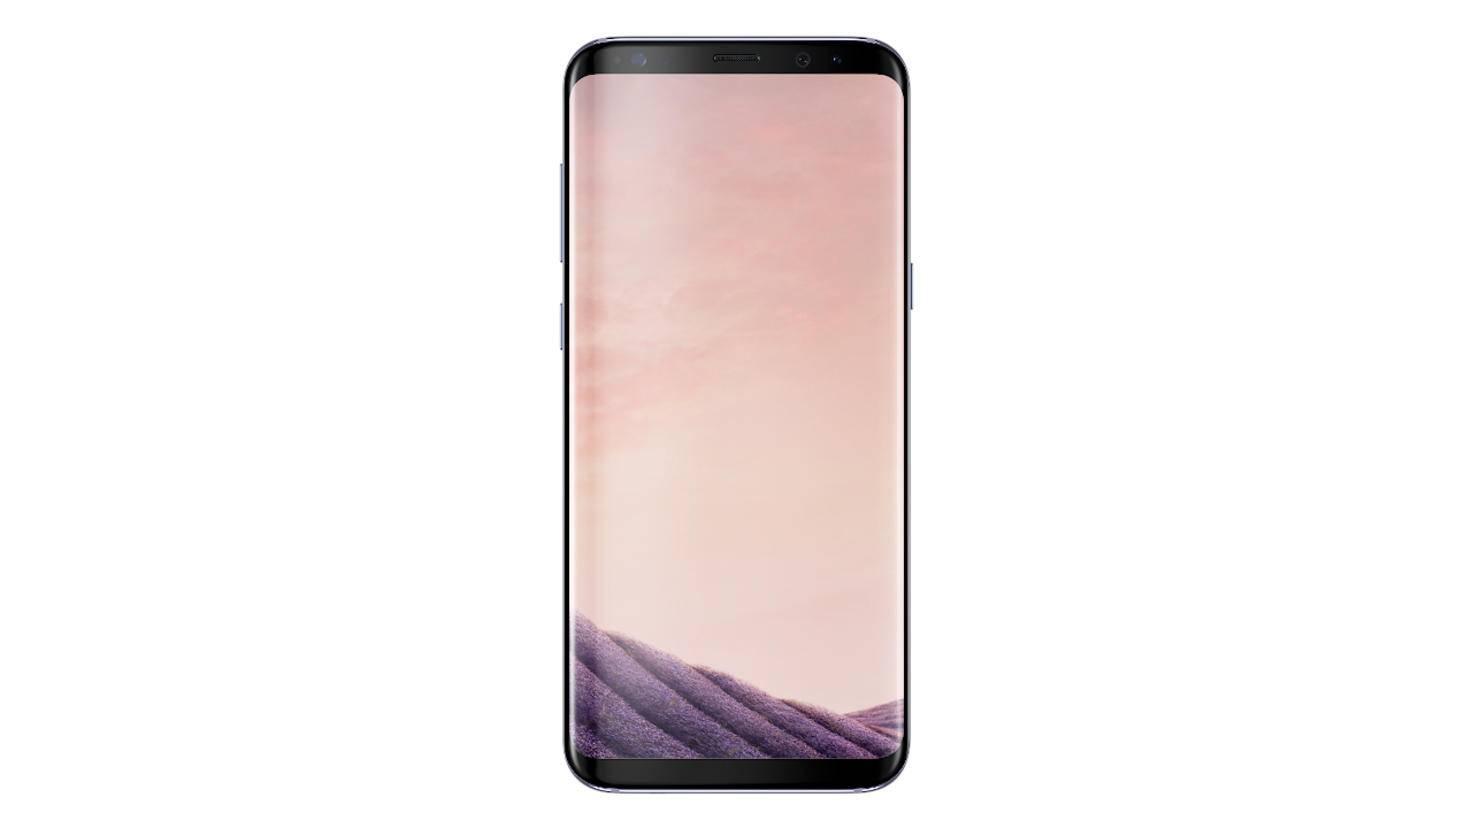 Das Galaxy S8 in Orchid Grey.